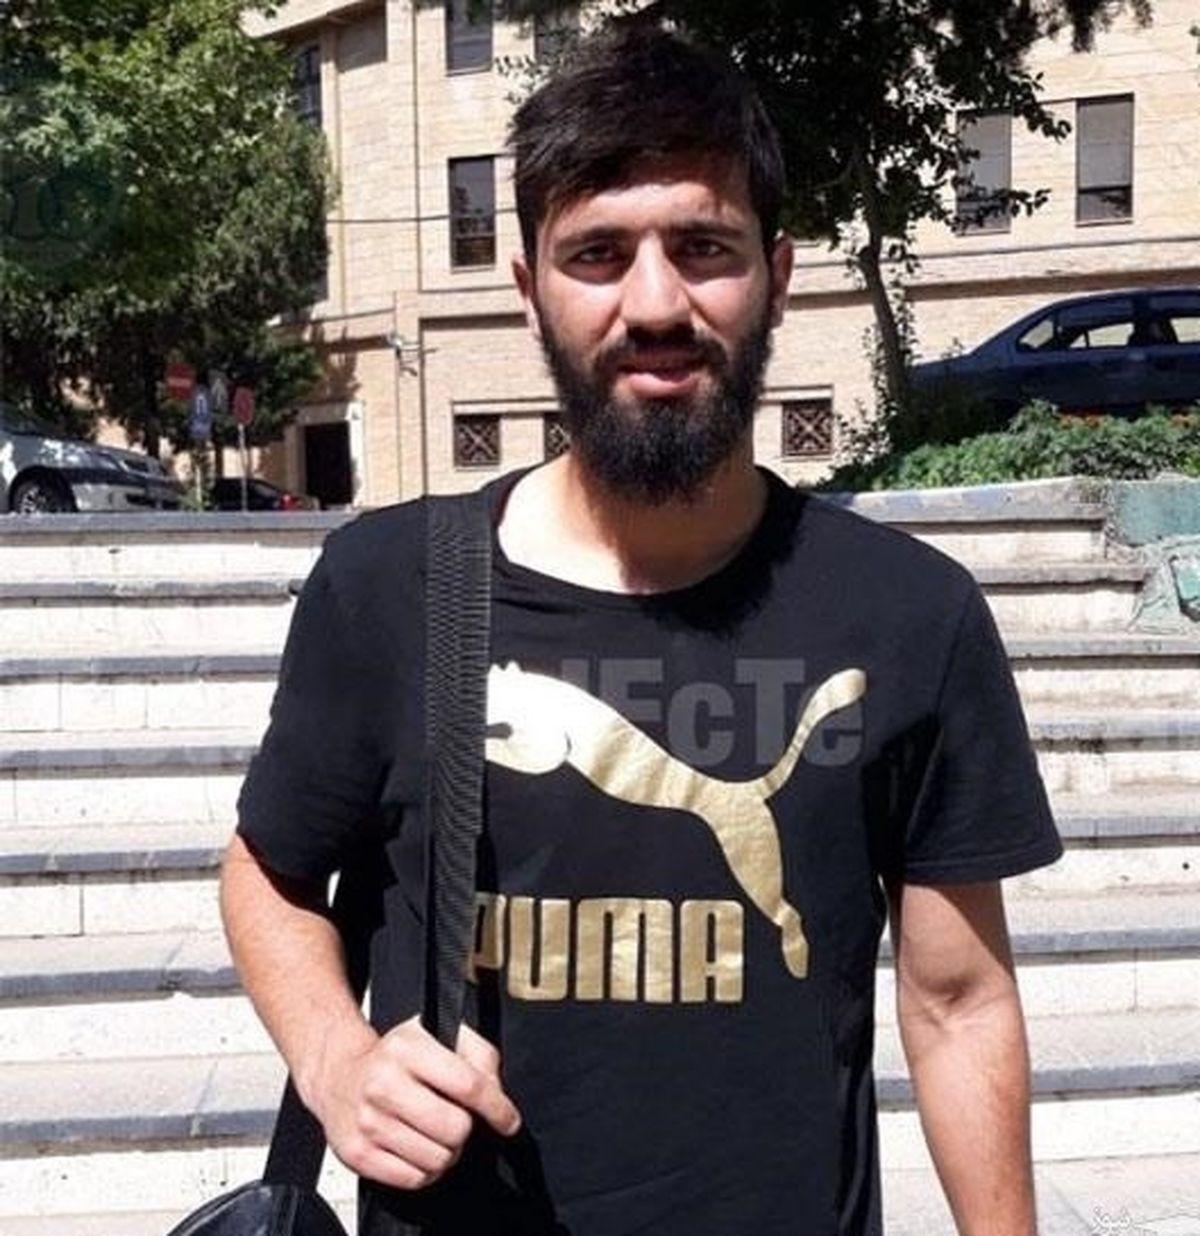 پشت پرده زندگی خصوصی محمد دانشگر و همسرش +تصاویر لو رفته